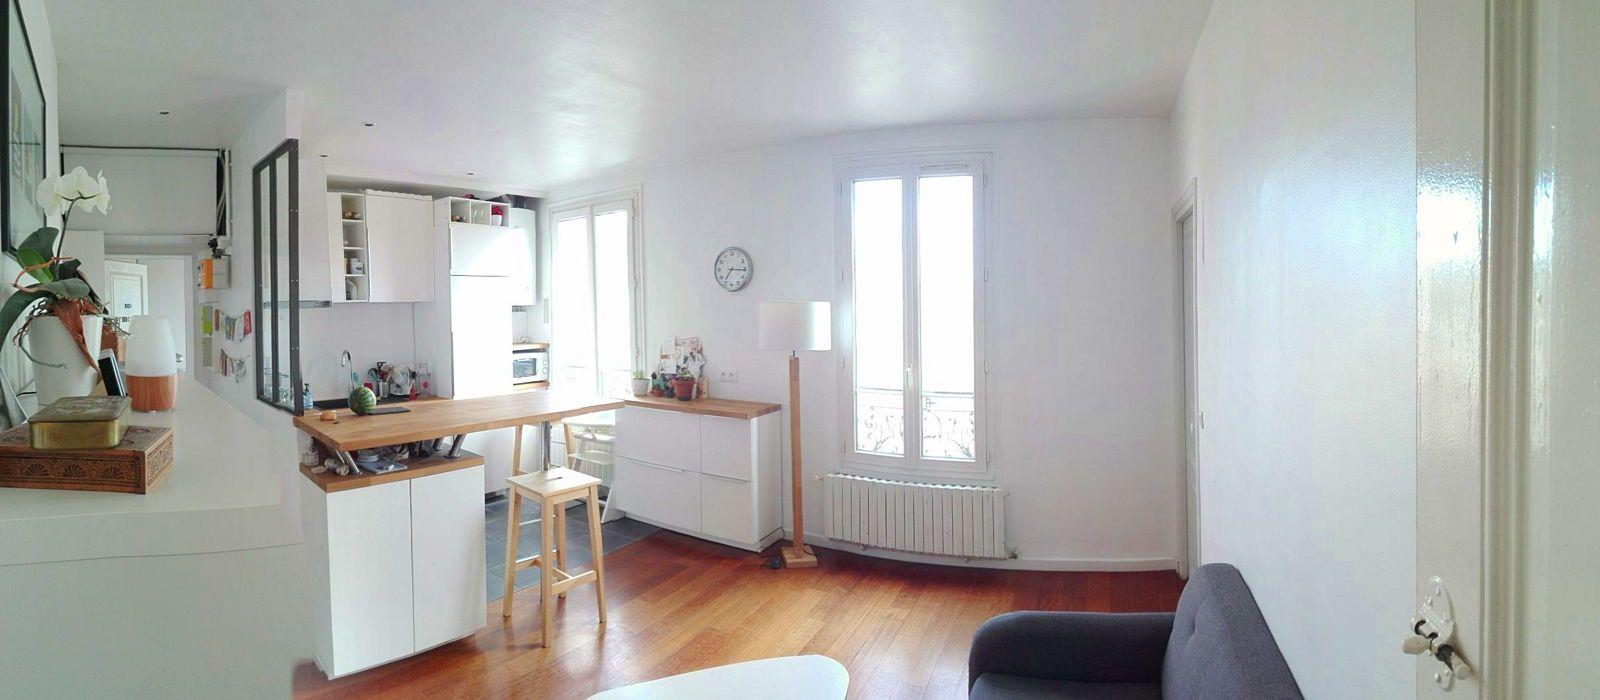 Loue T3meublé 51m² quartier Flachat - 2chambres, Asnières-sur-Seine